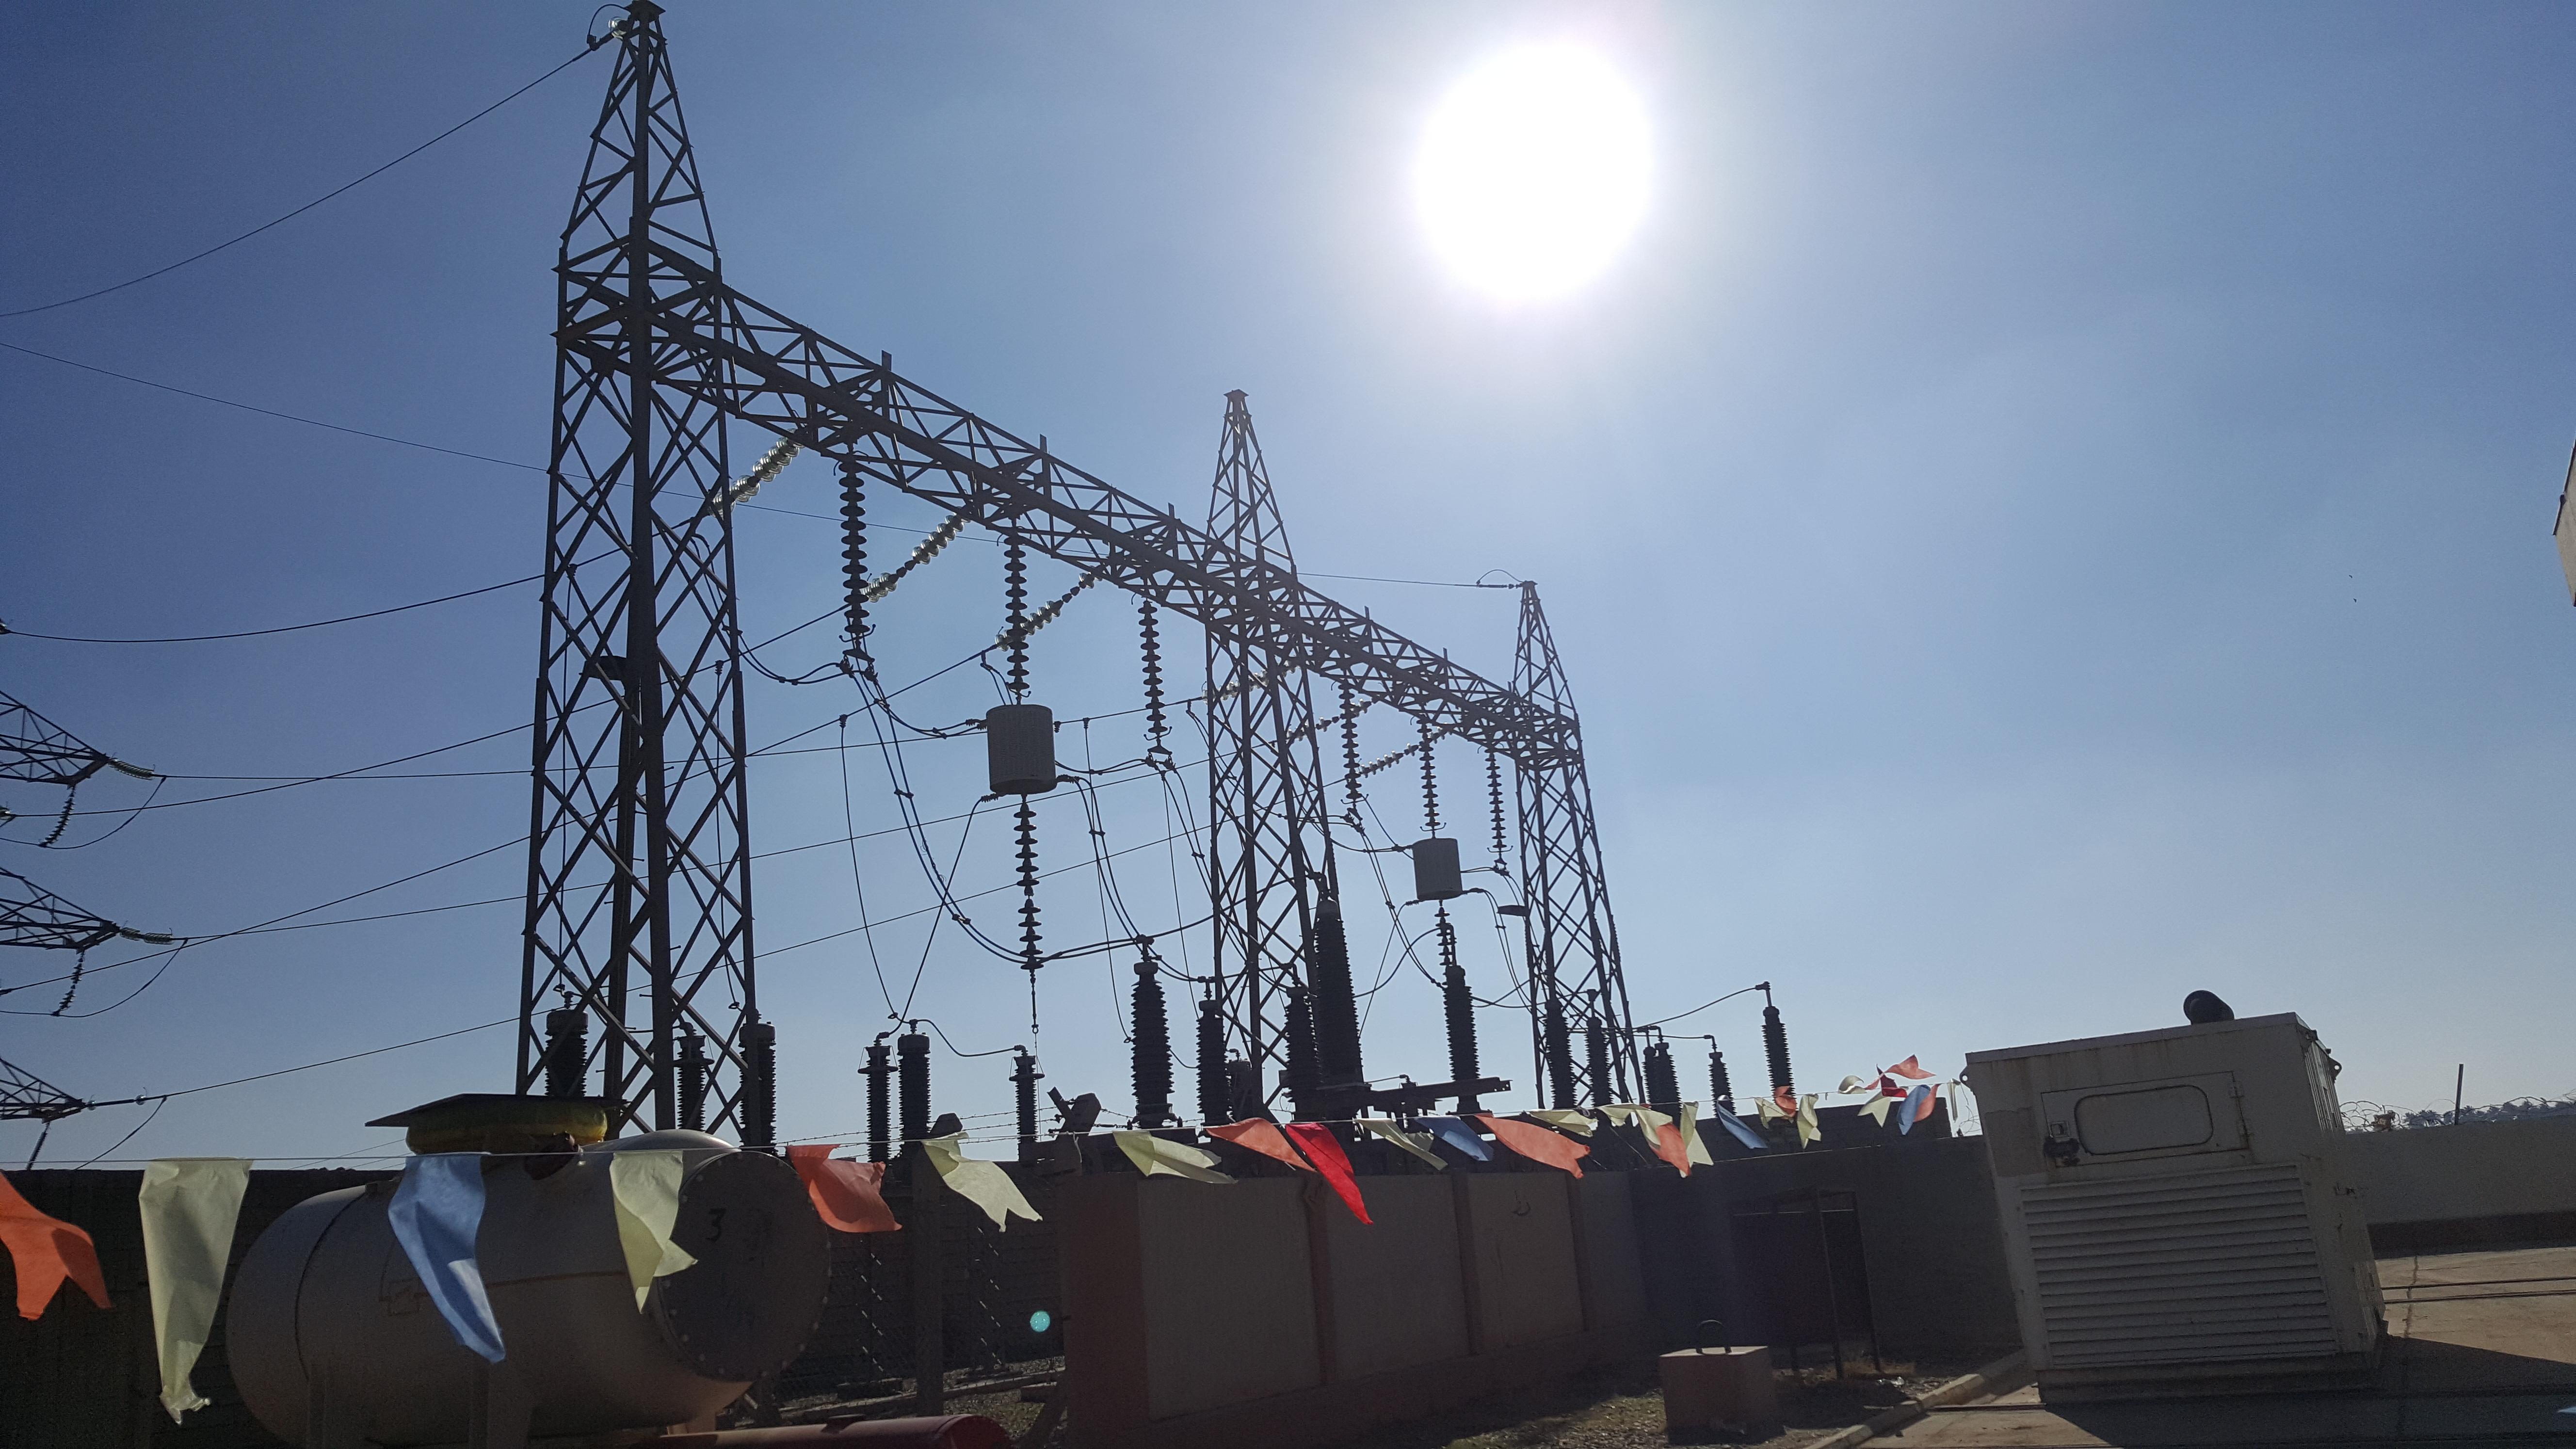 الخالدية: ناحية حصيبة ومناطق أخرى لم تصلها الكهرباء الوطنية لغاية الآن